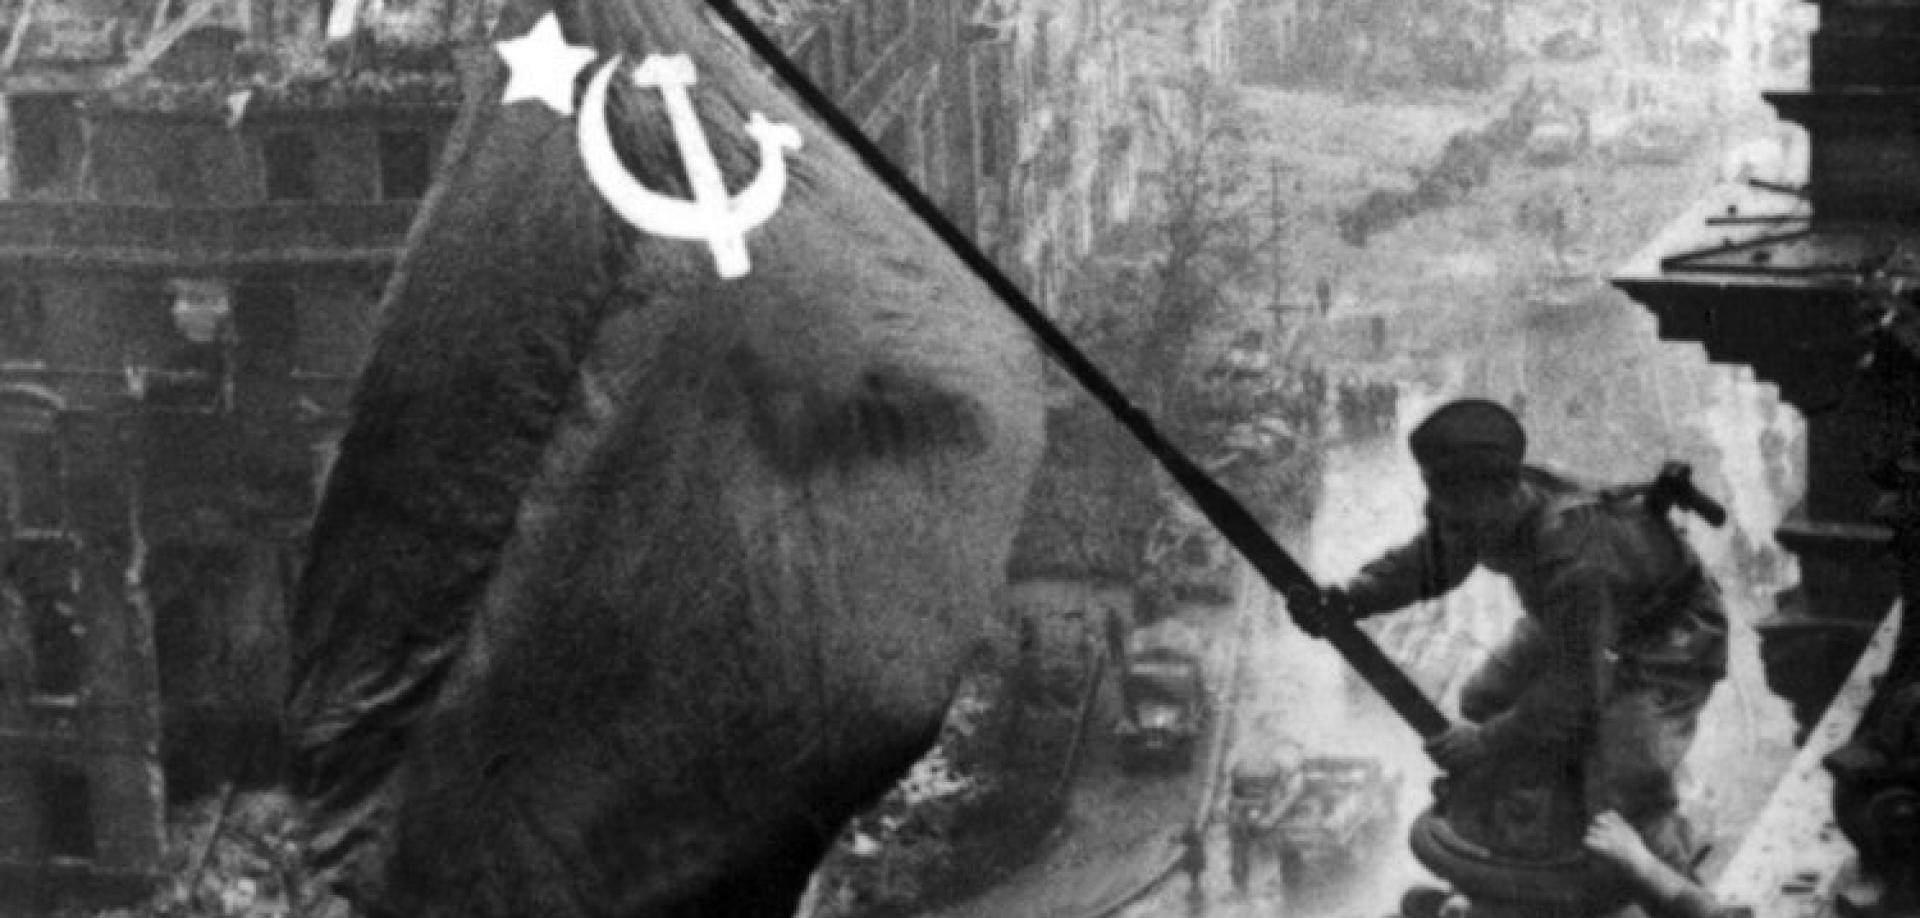 Tag der Befreiung? Soldat der roten Armee hisst Fahne auf dem Reichstag. Quelle: Jewgeni Chaldej